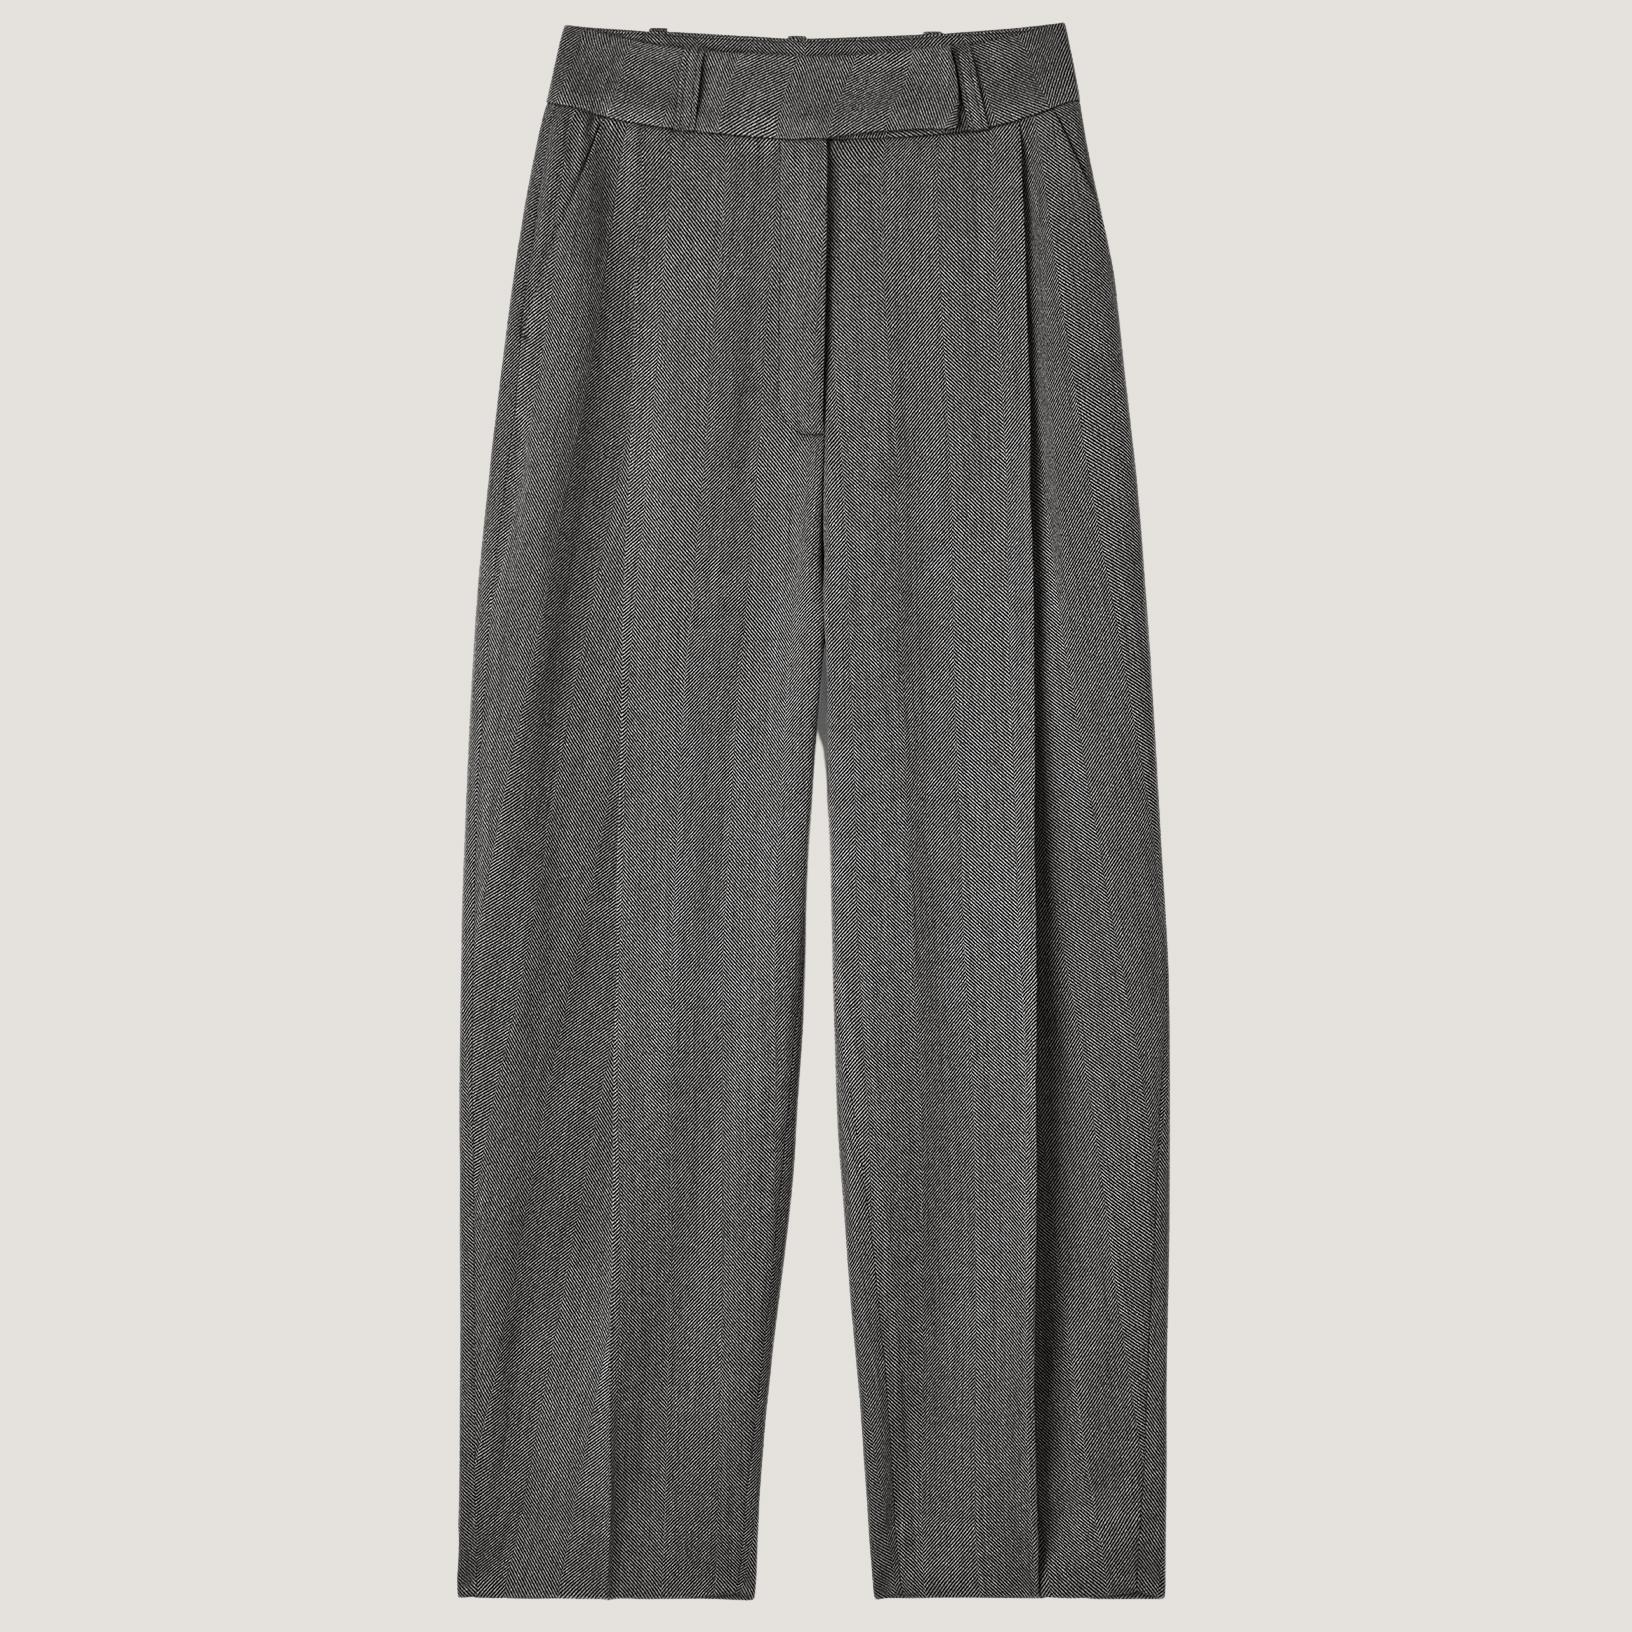 Deep Pleat Trousers